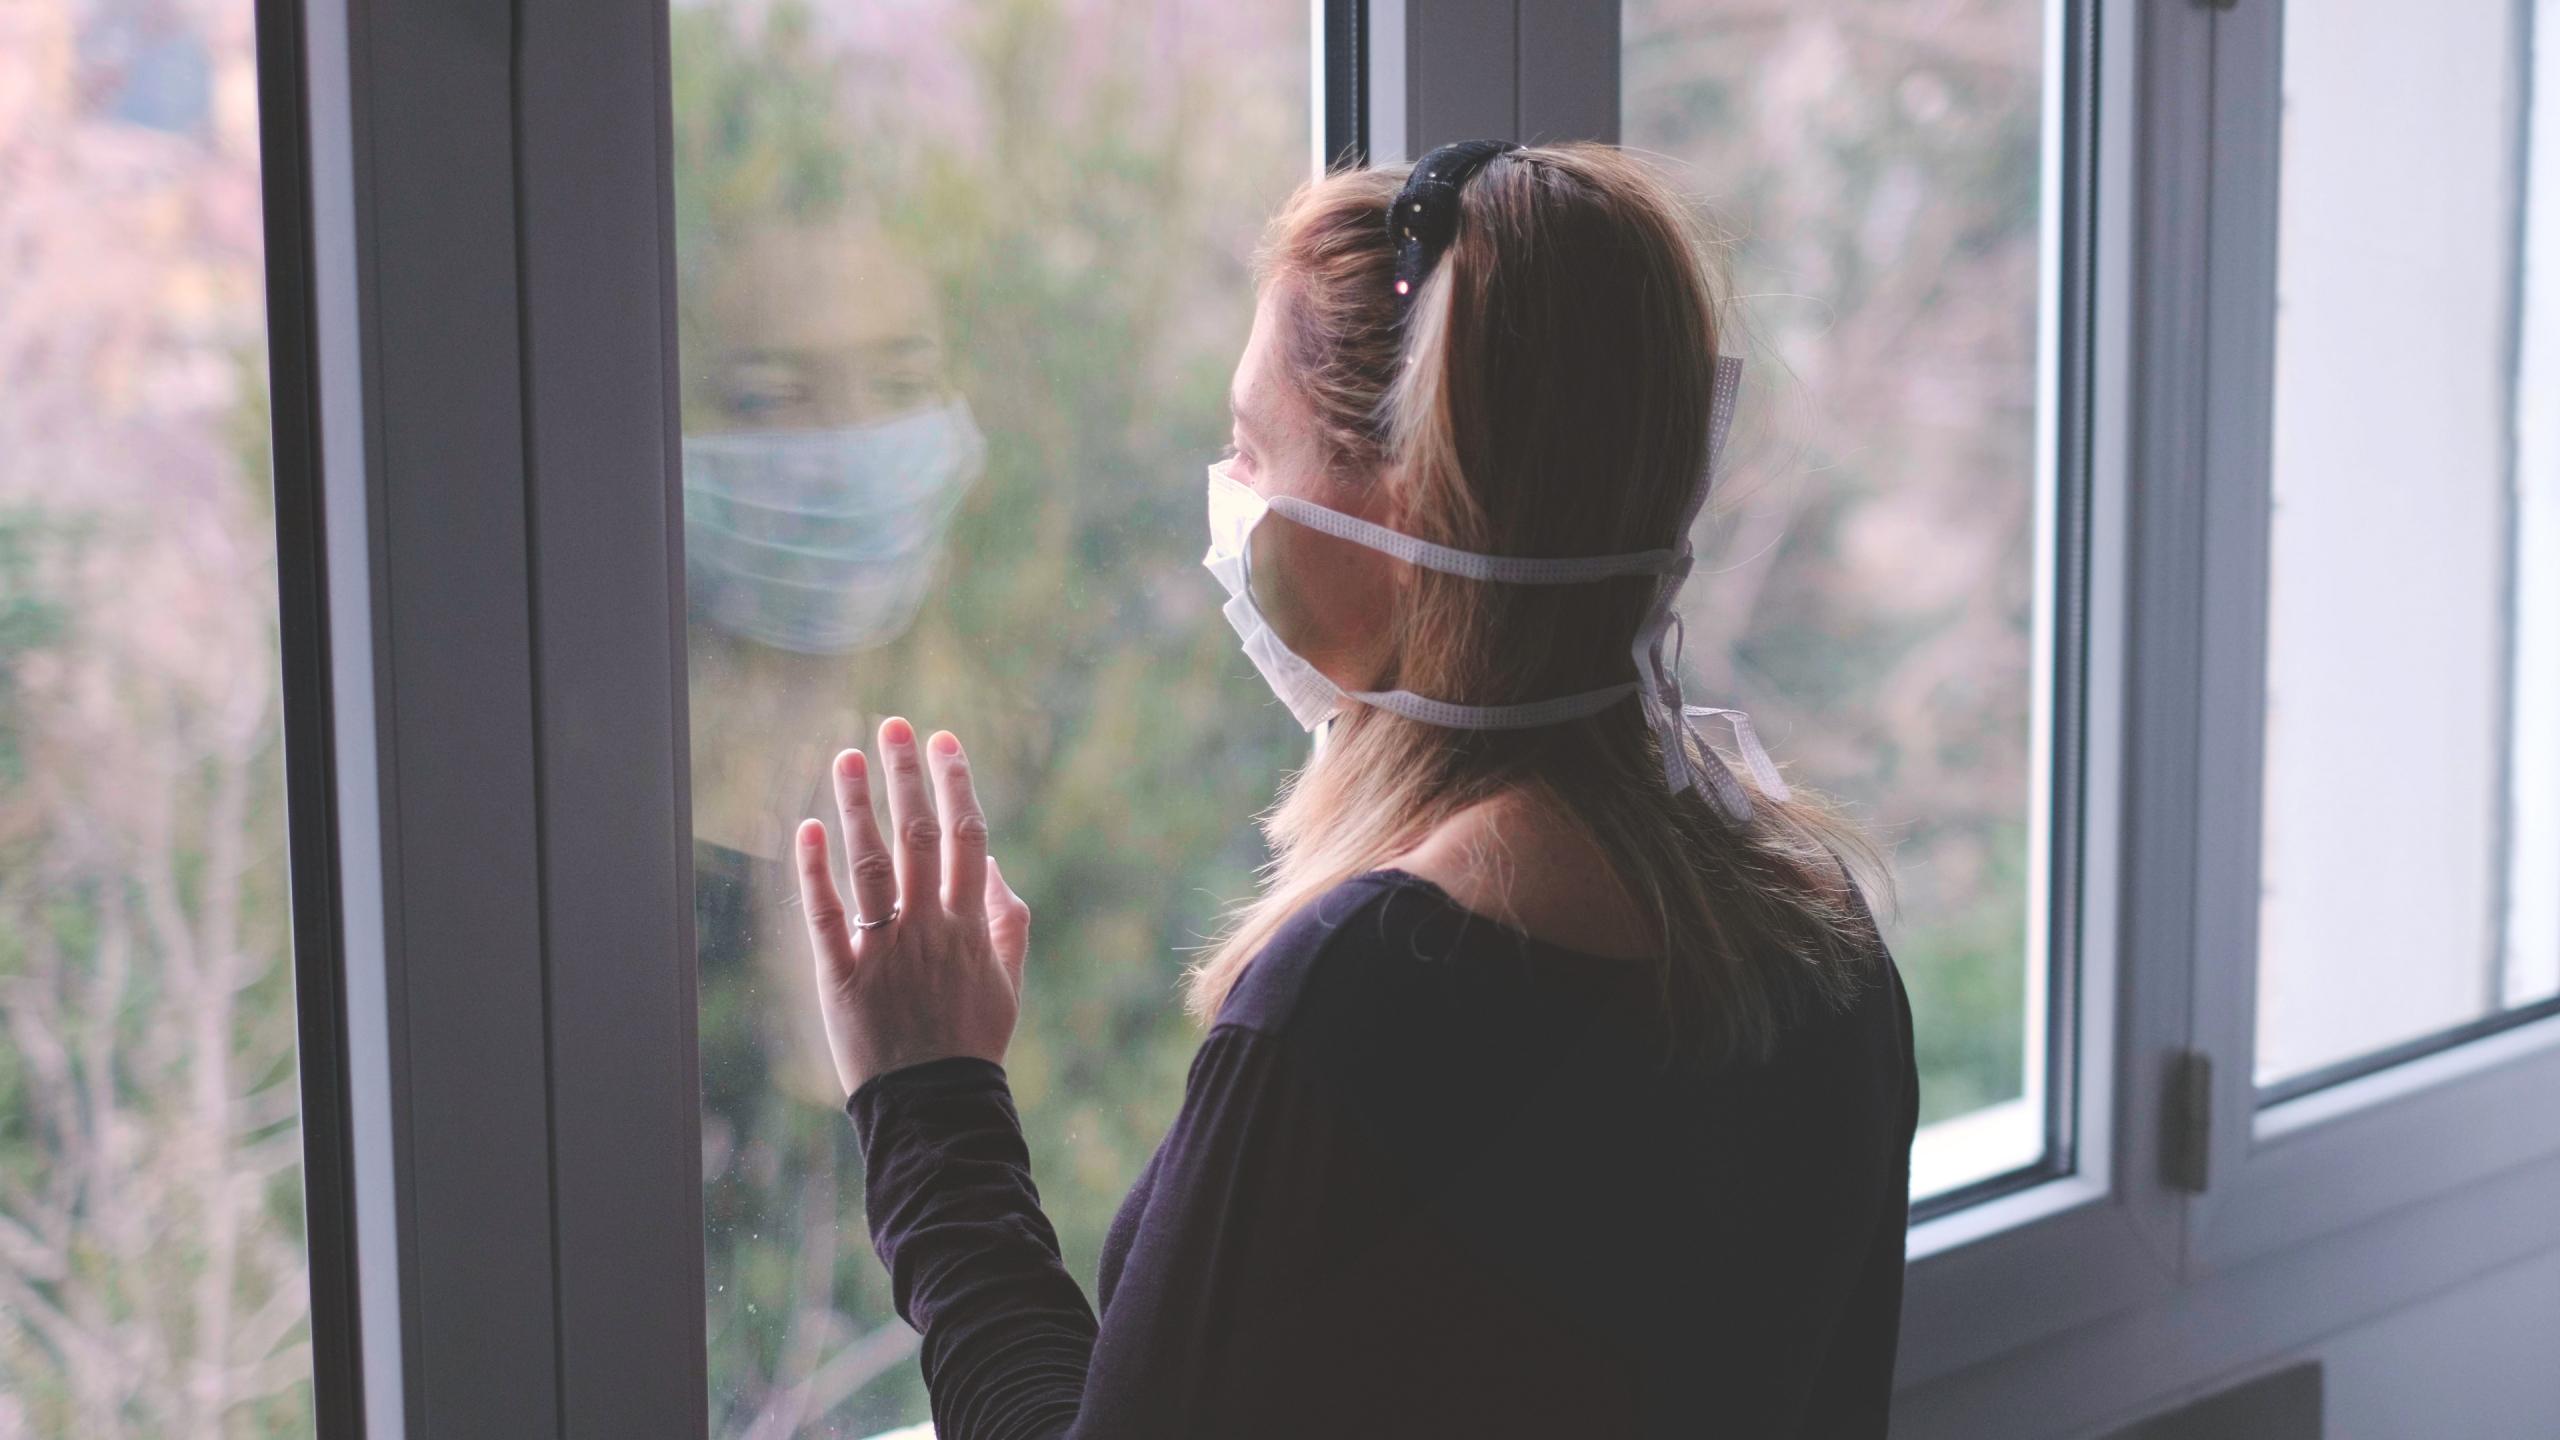 Francia albergará en hoteles a víctimas de violencia doméstica durante la cuarentena